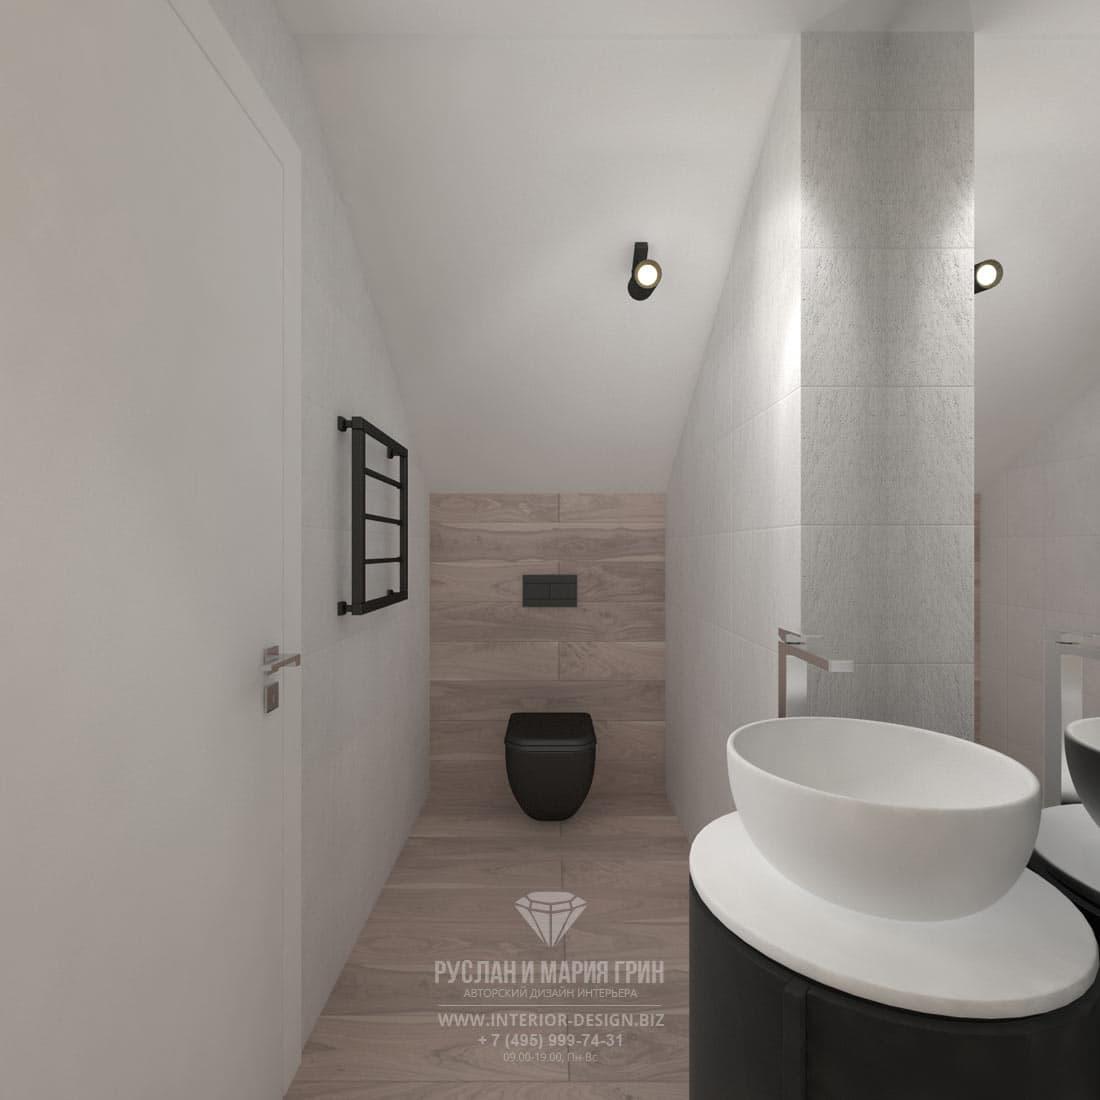 Дизайн интерьера второго санузла в доме